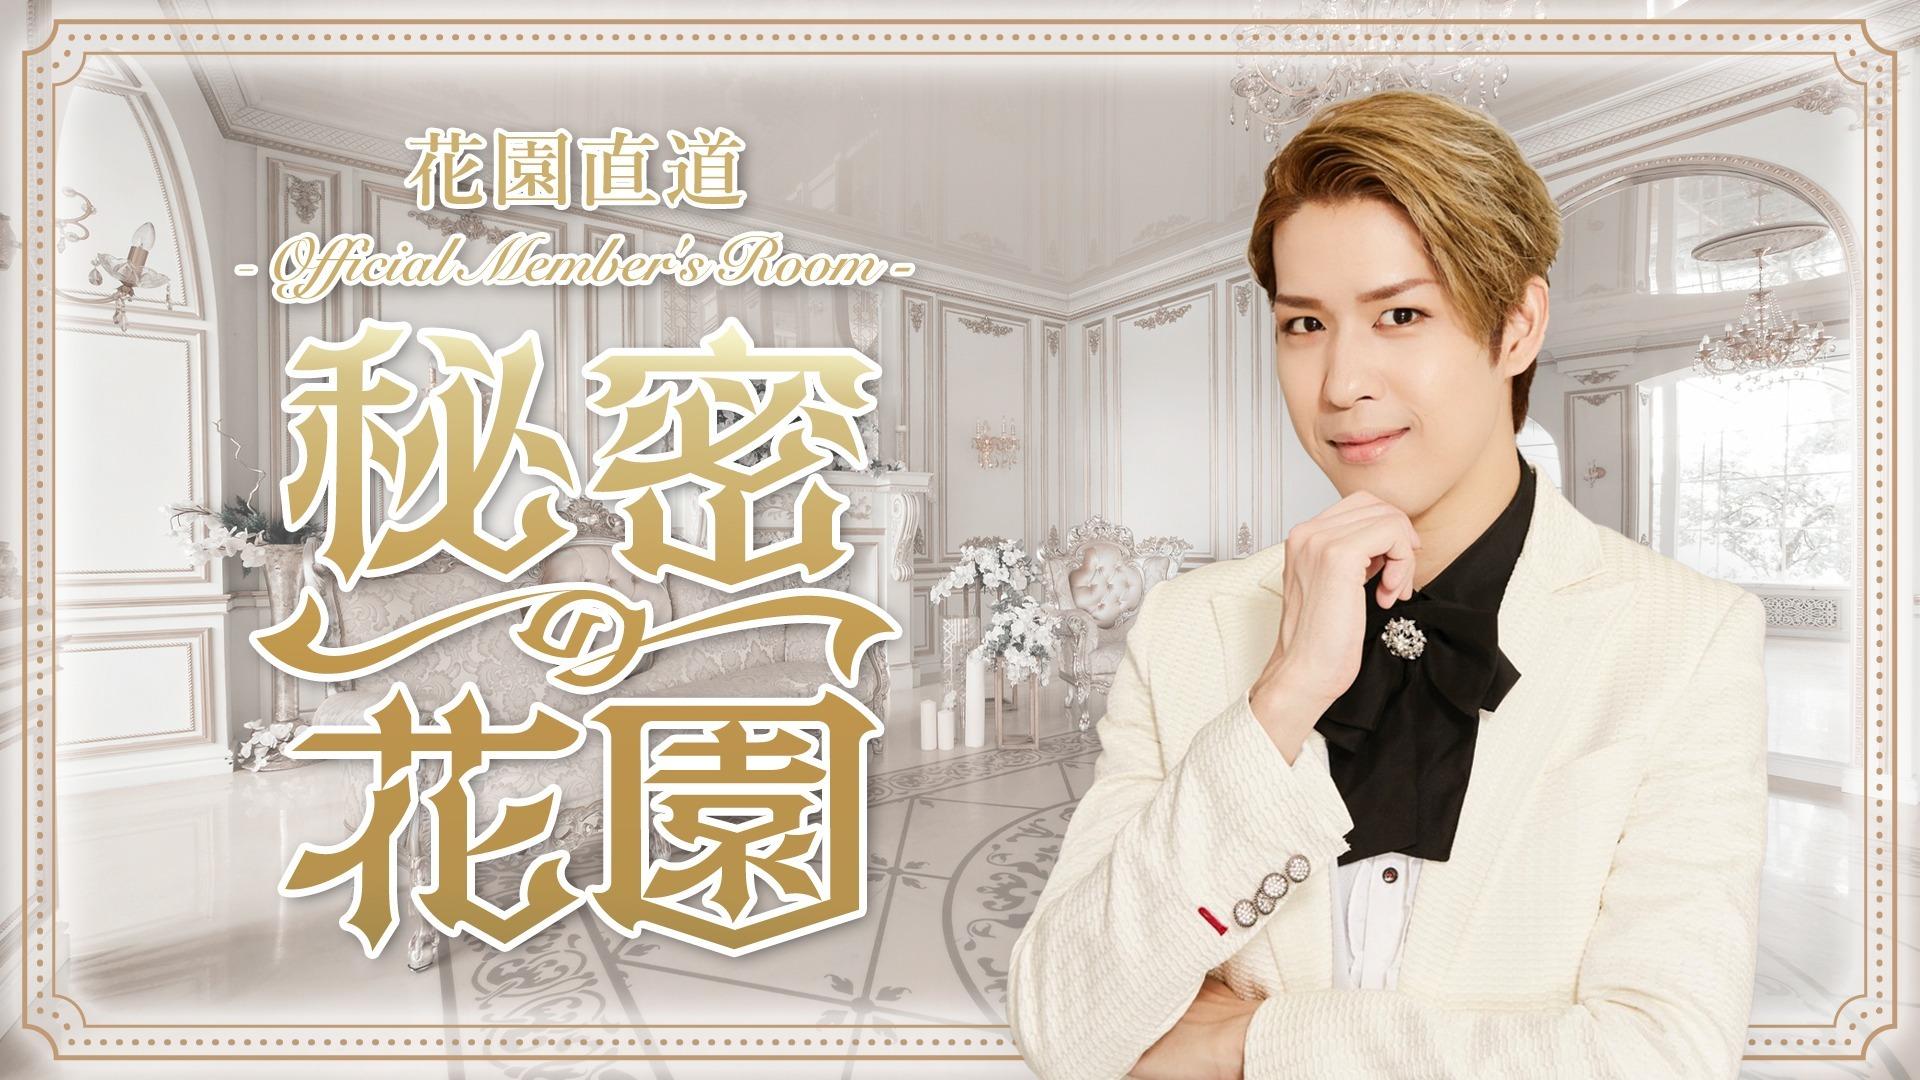 花園直道 Official Member's Room「秘密の花園☆」